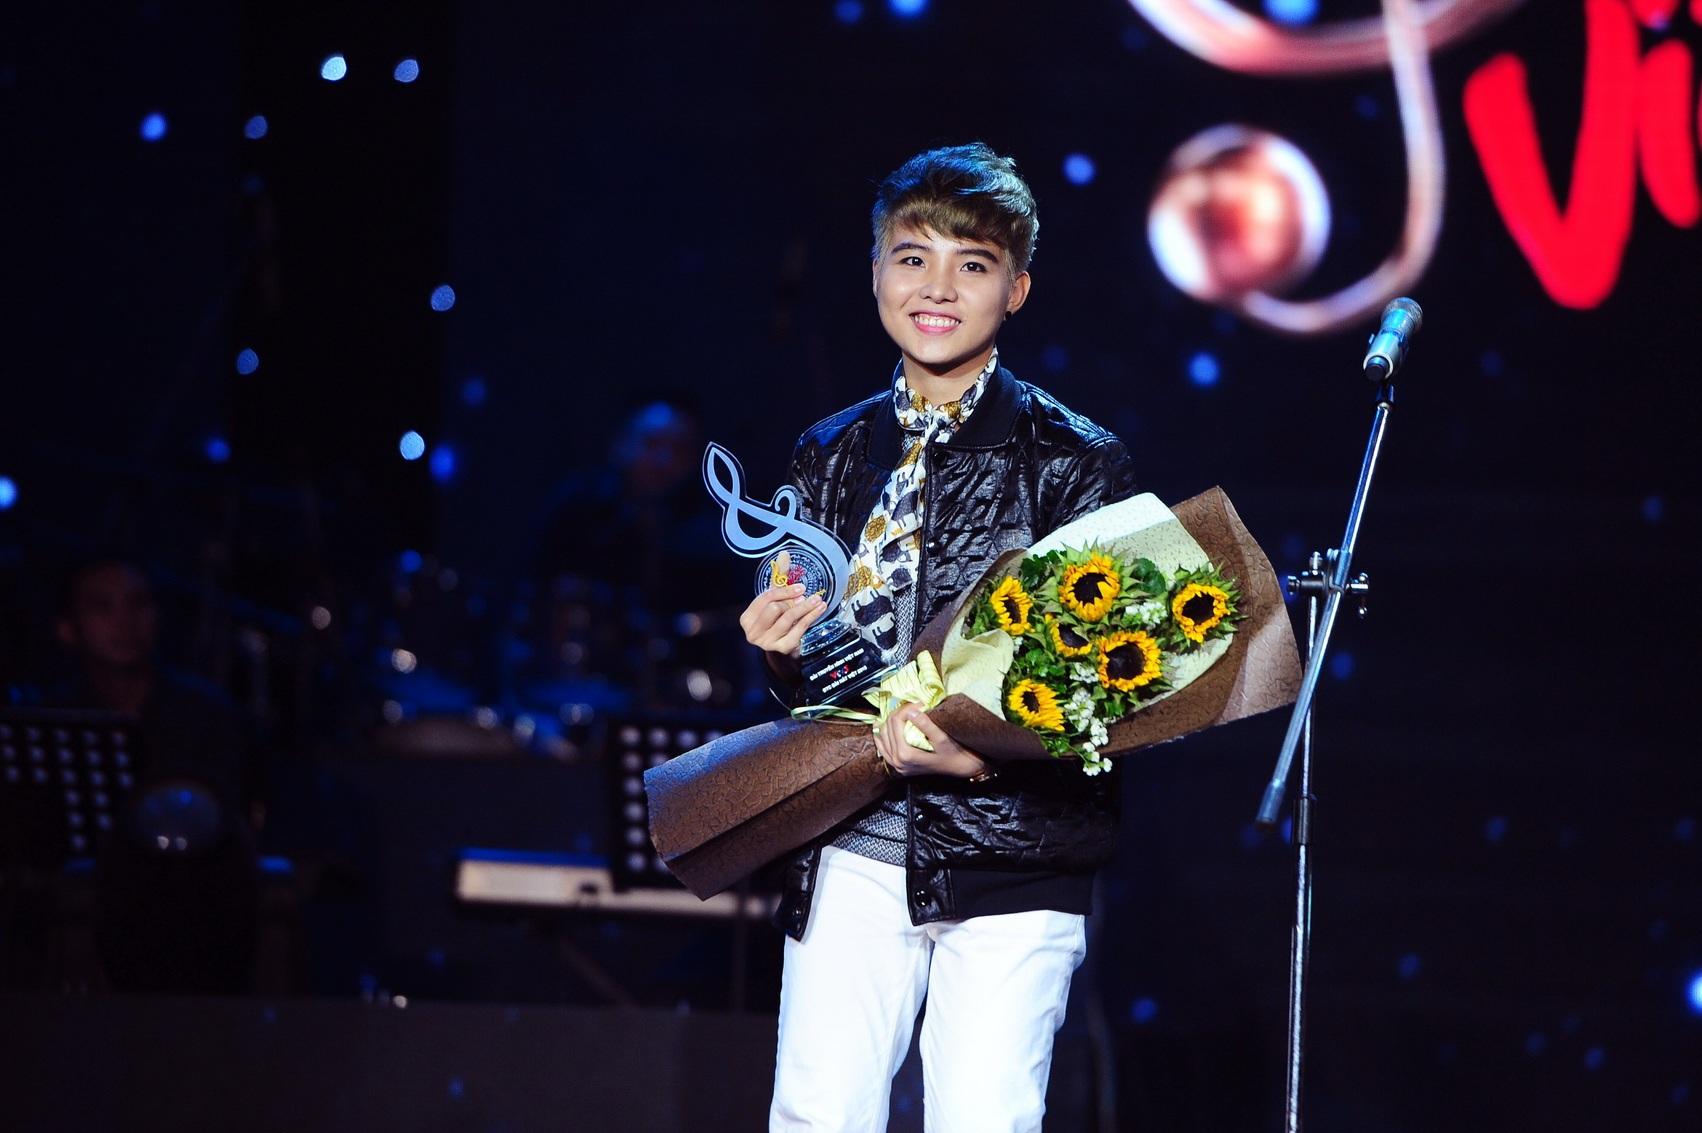 Vũ Cát Tường đang bộc lộ tài năng của một người trẻ trong dòng chaỷ nhạc Việt. Ảnh: CTS.